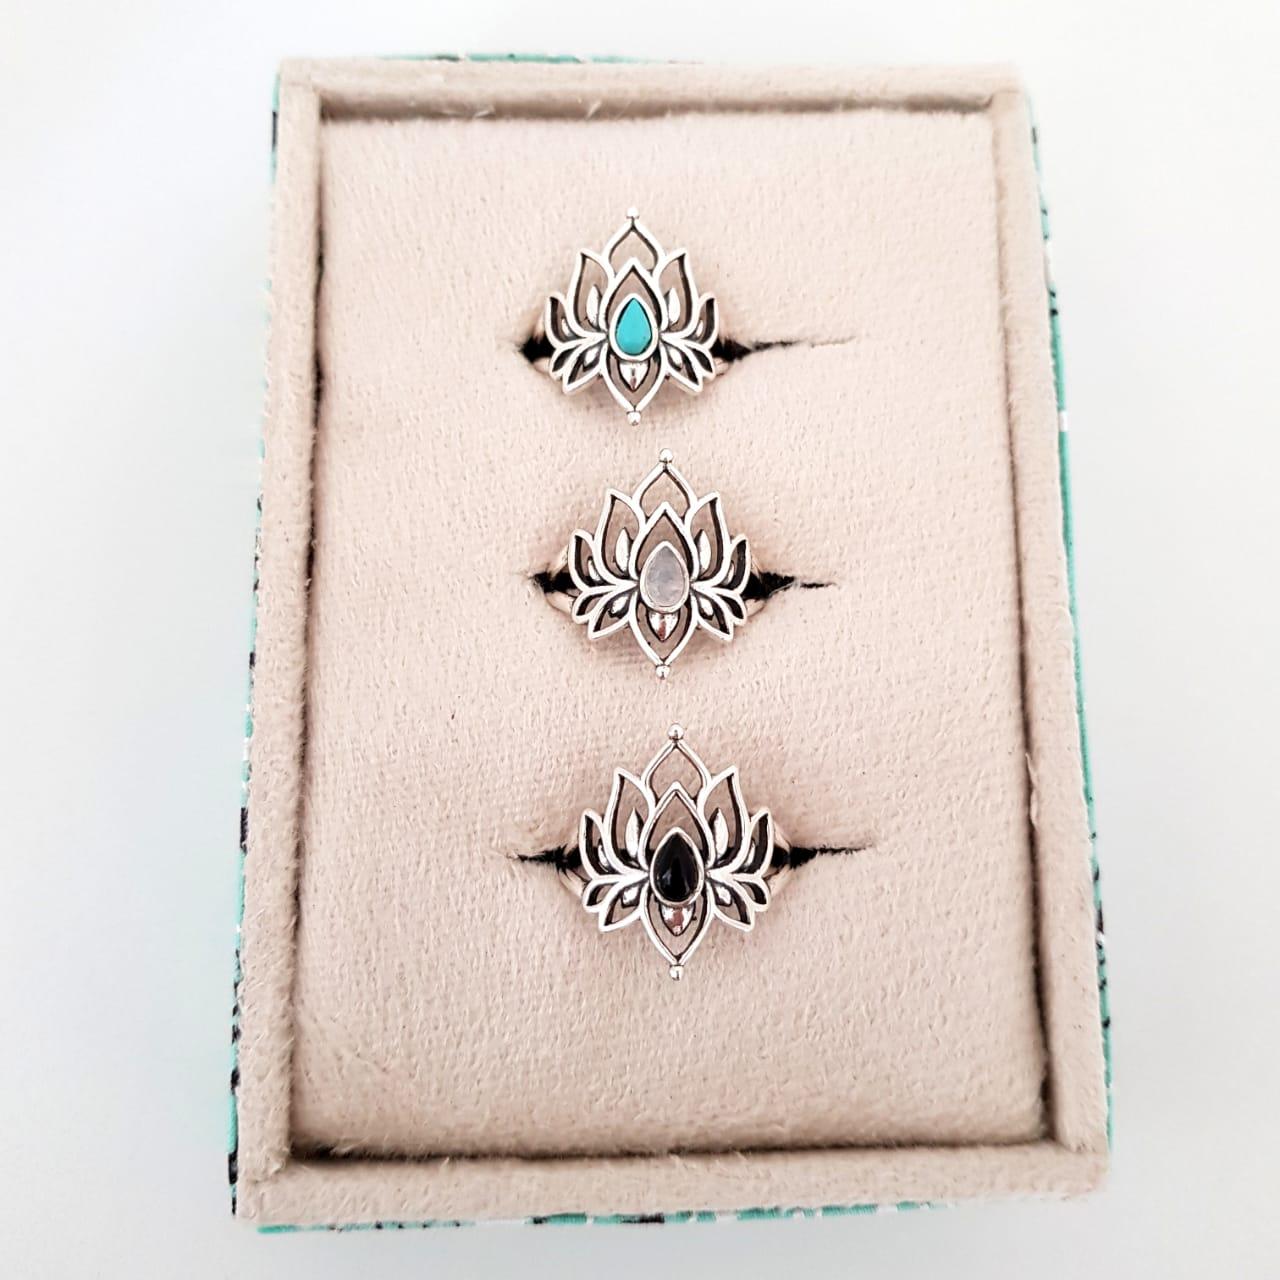 Anel de Prata Flor de Lótus com Gotinhas de Pedras